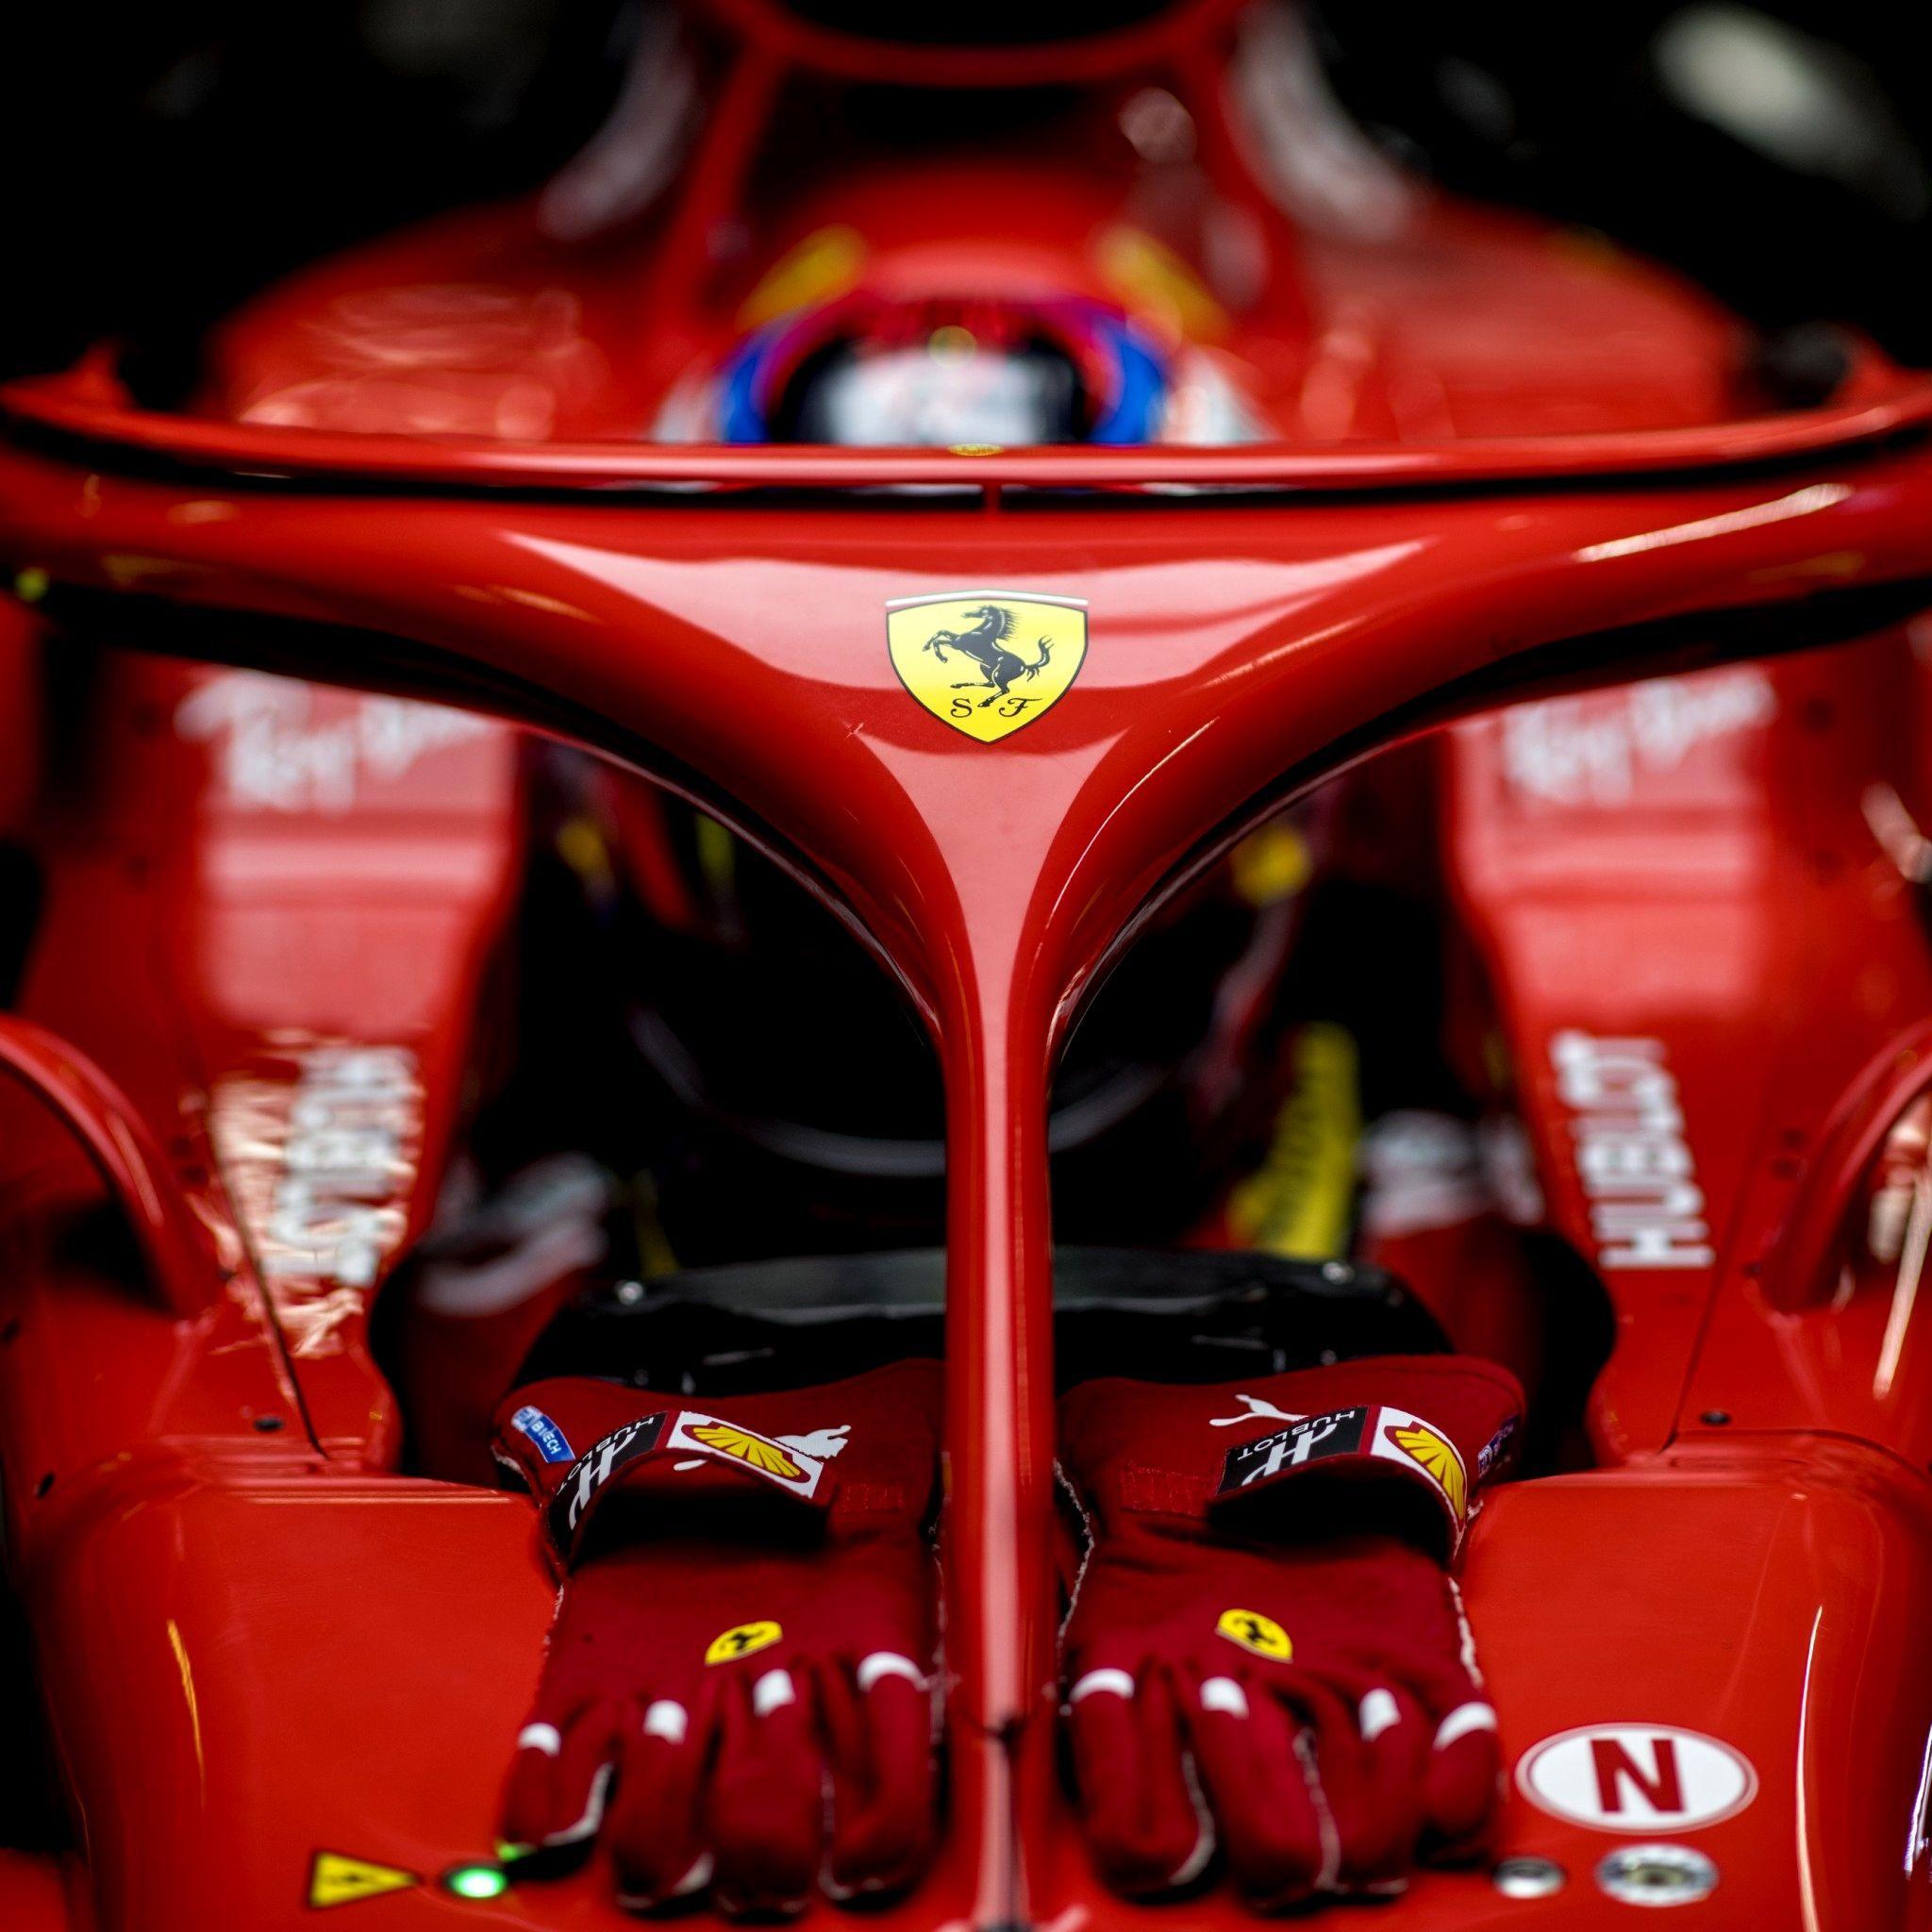 Wallpaper 4k For Pc Car Ideas Formule 1 Voiture Ferrari F1 Formule 1